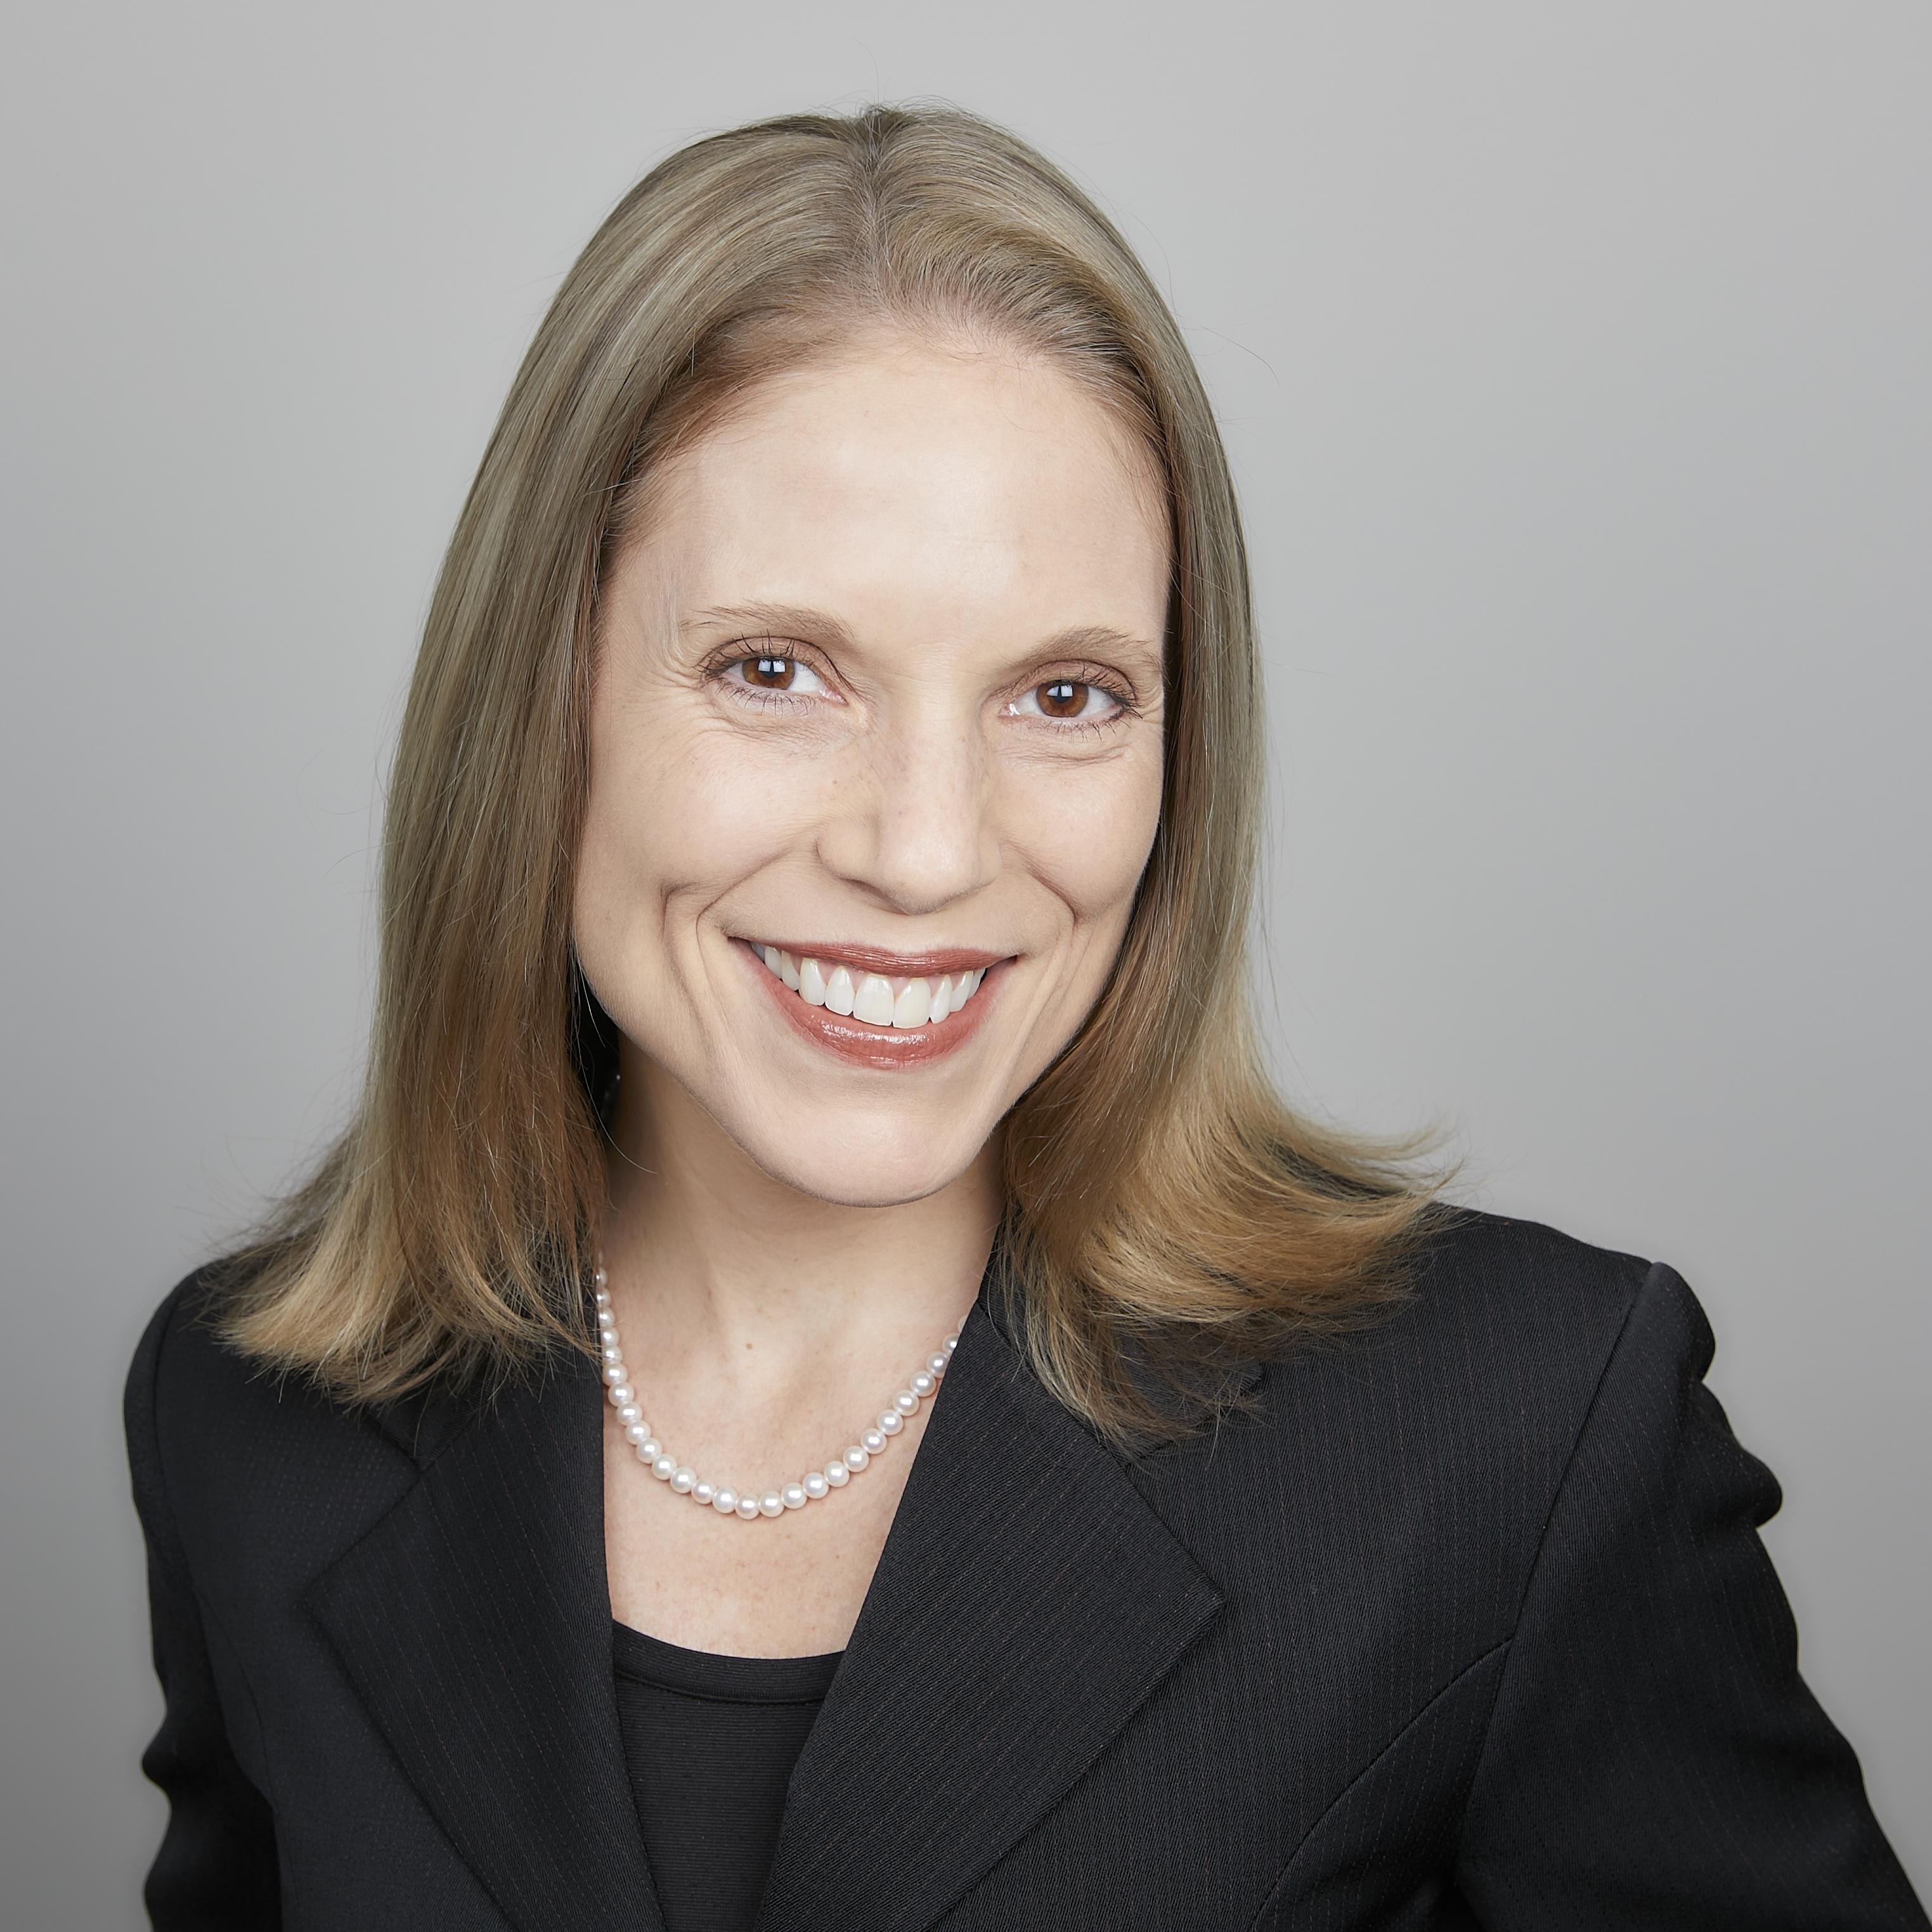 Nikki Langman